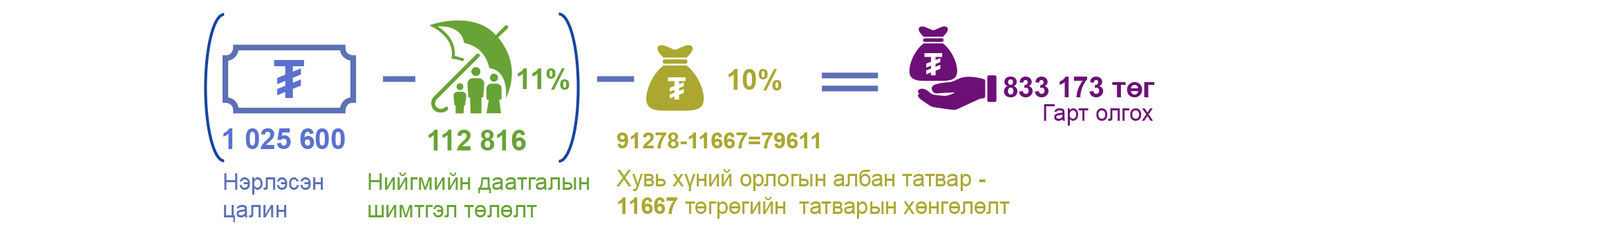 ҮСХ: Сарын дундаж цалин 1,025,600 төгрөг болон өслөө